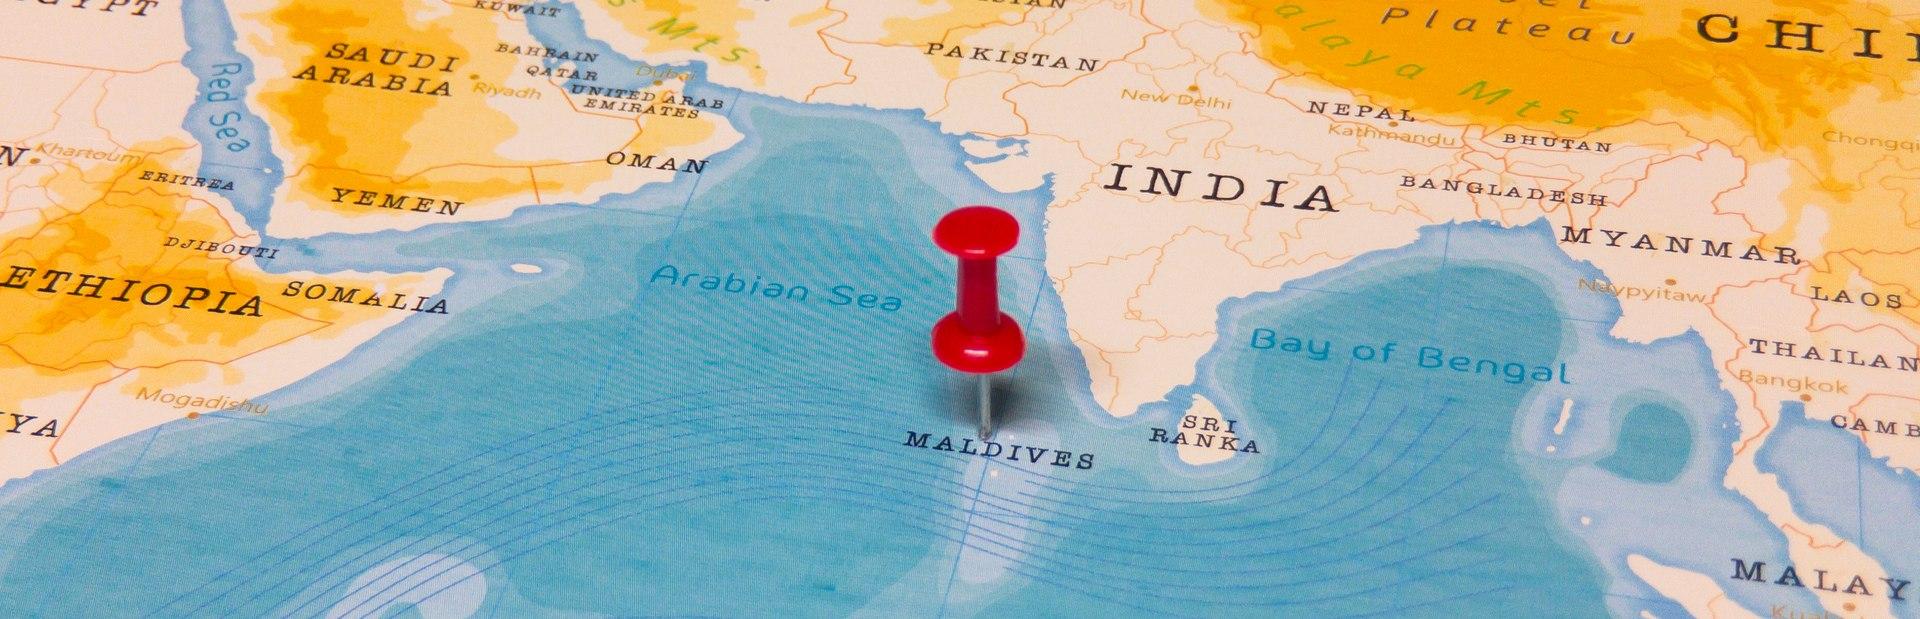 Maldives interactive map